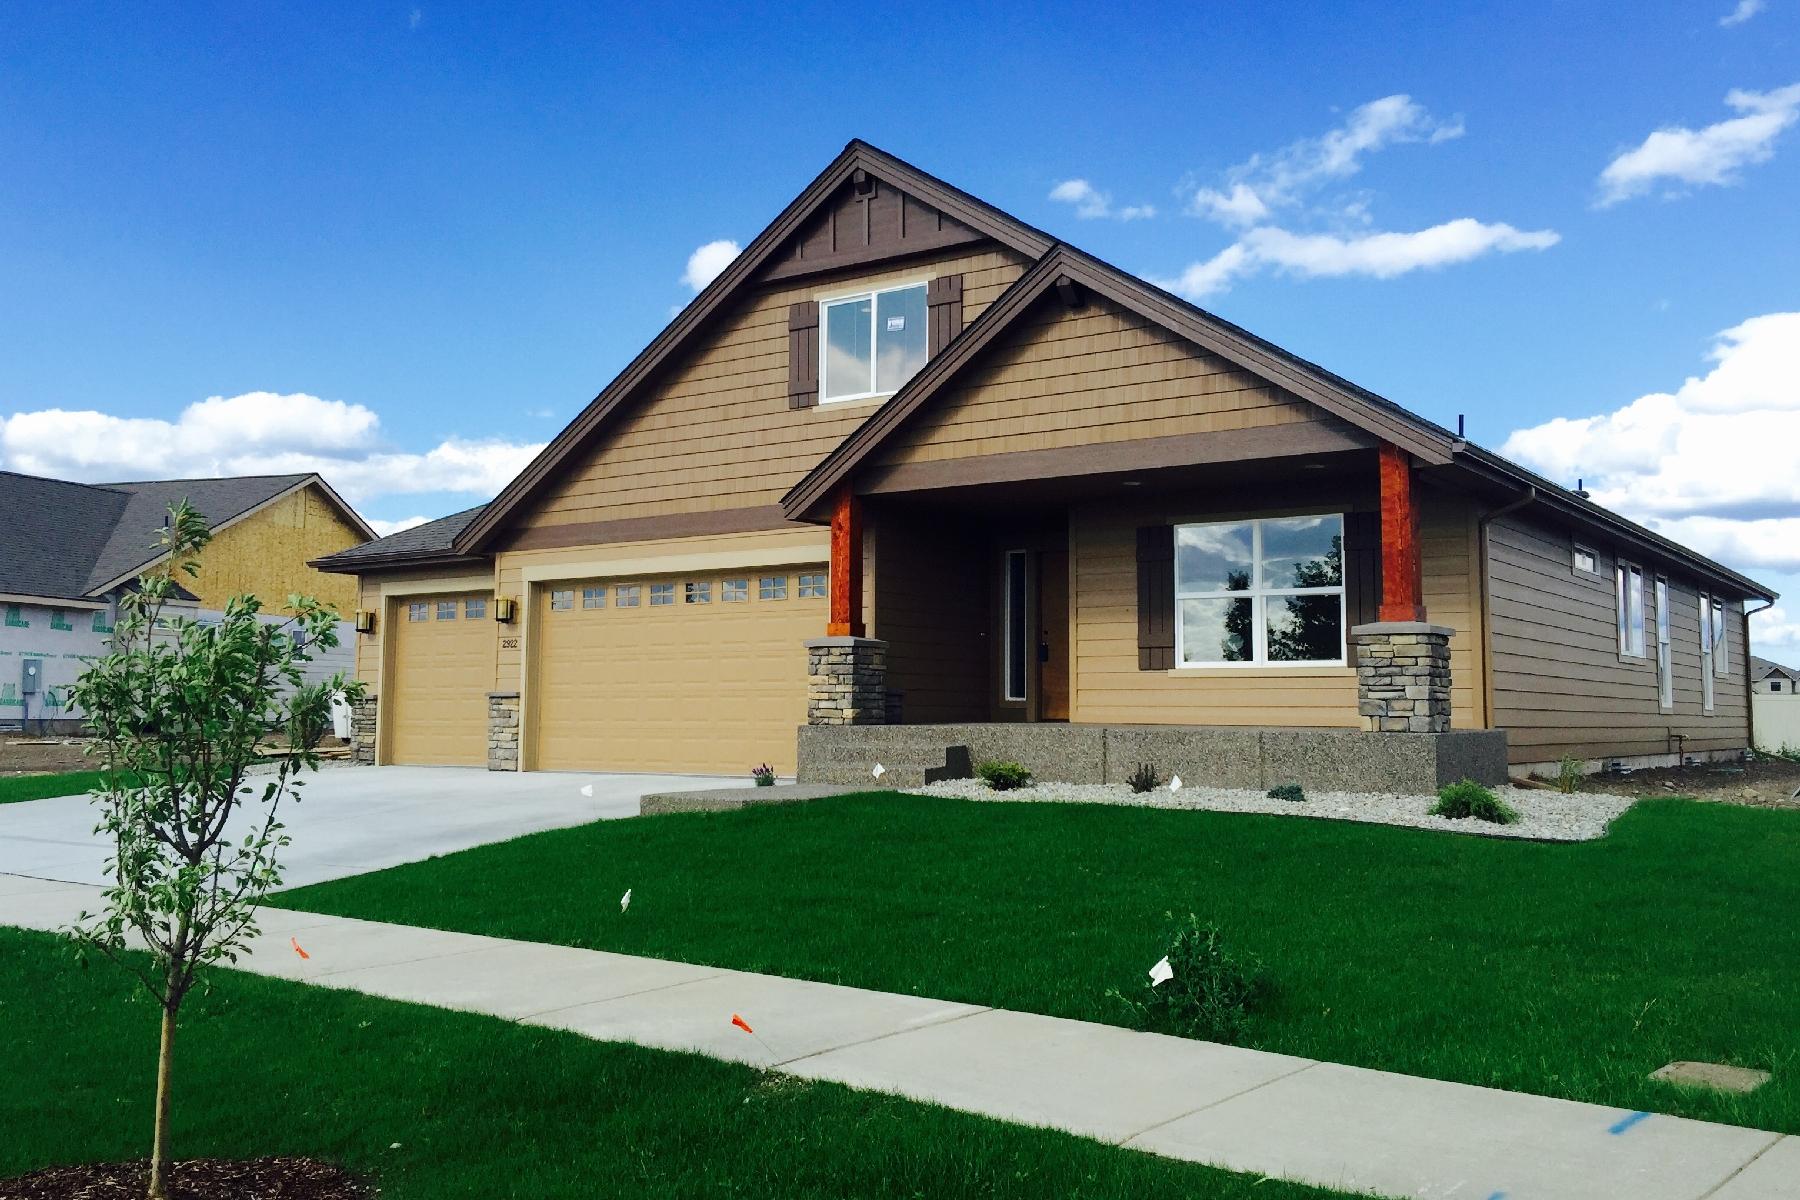 단독 가정 주택 용 매매 에 The Finest New Construction Parkside Home 2922 N Bunchgrass Post Falls, 아이다호 83854 미국